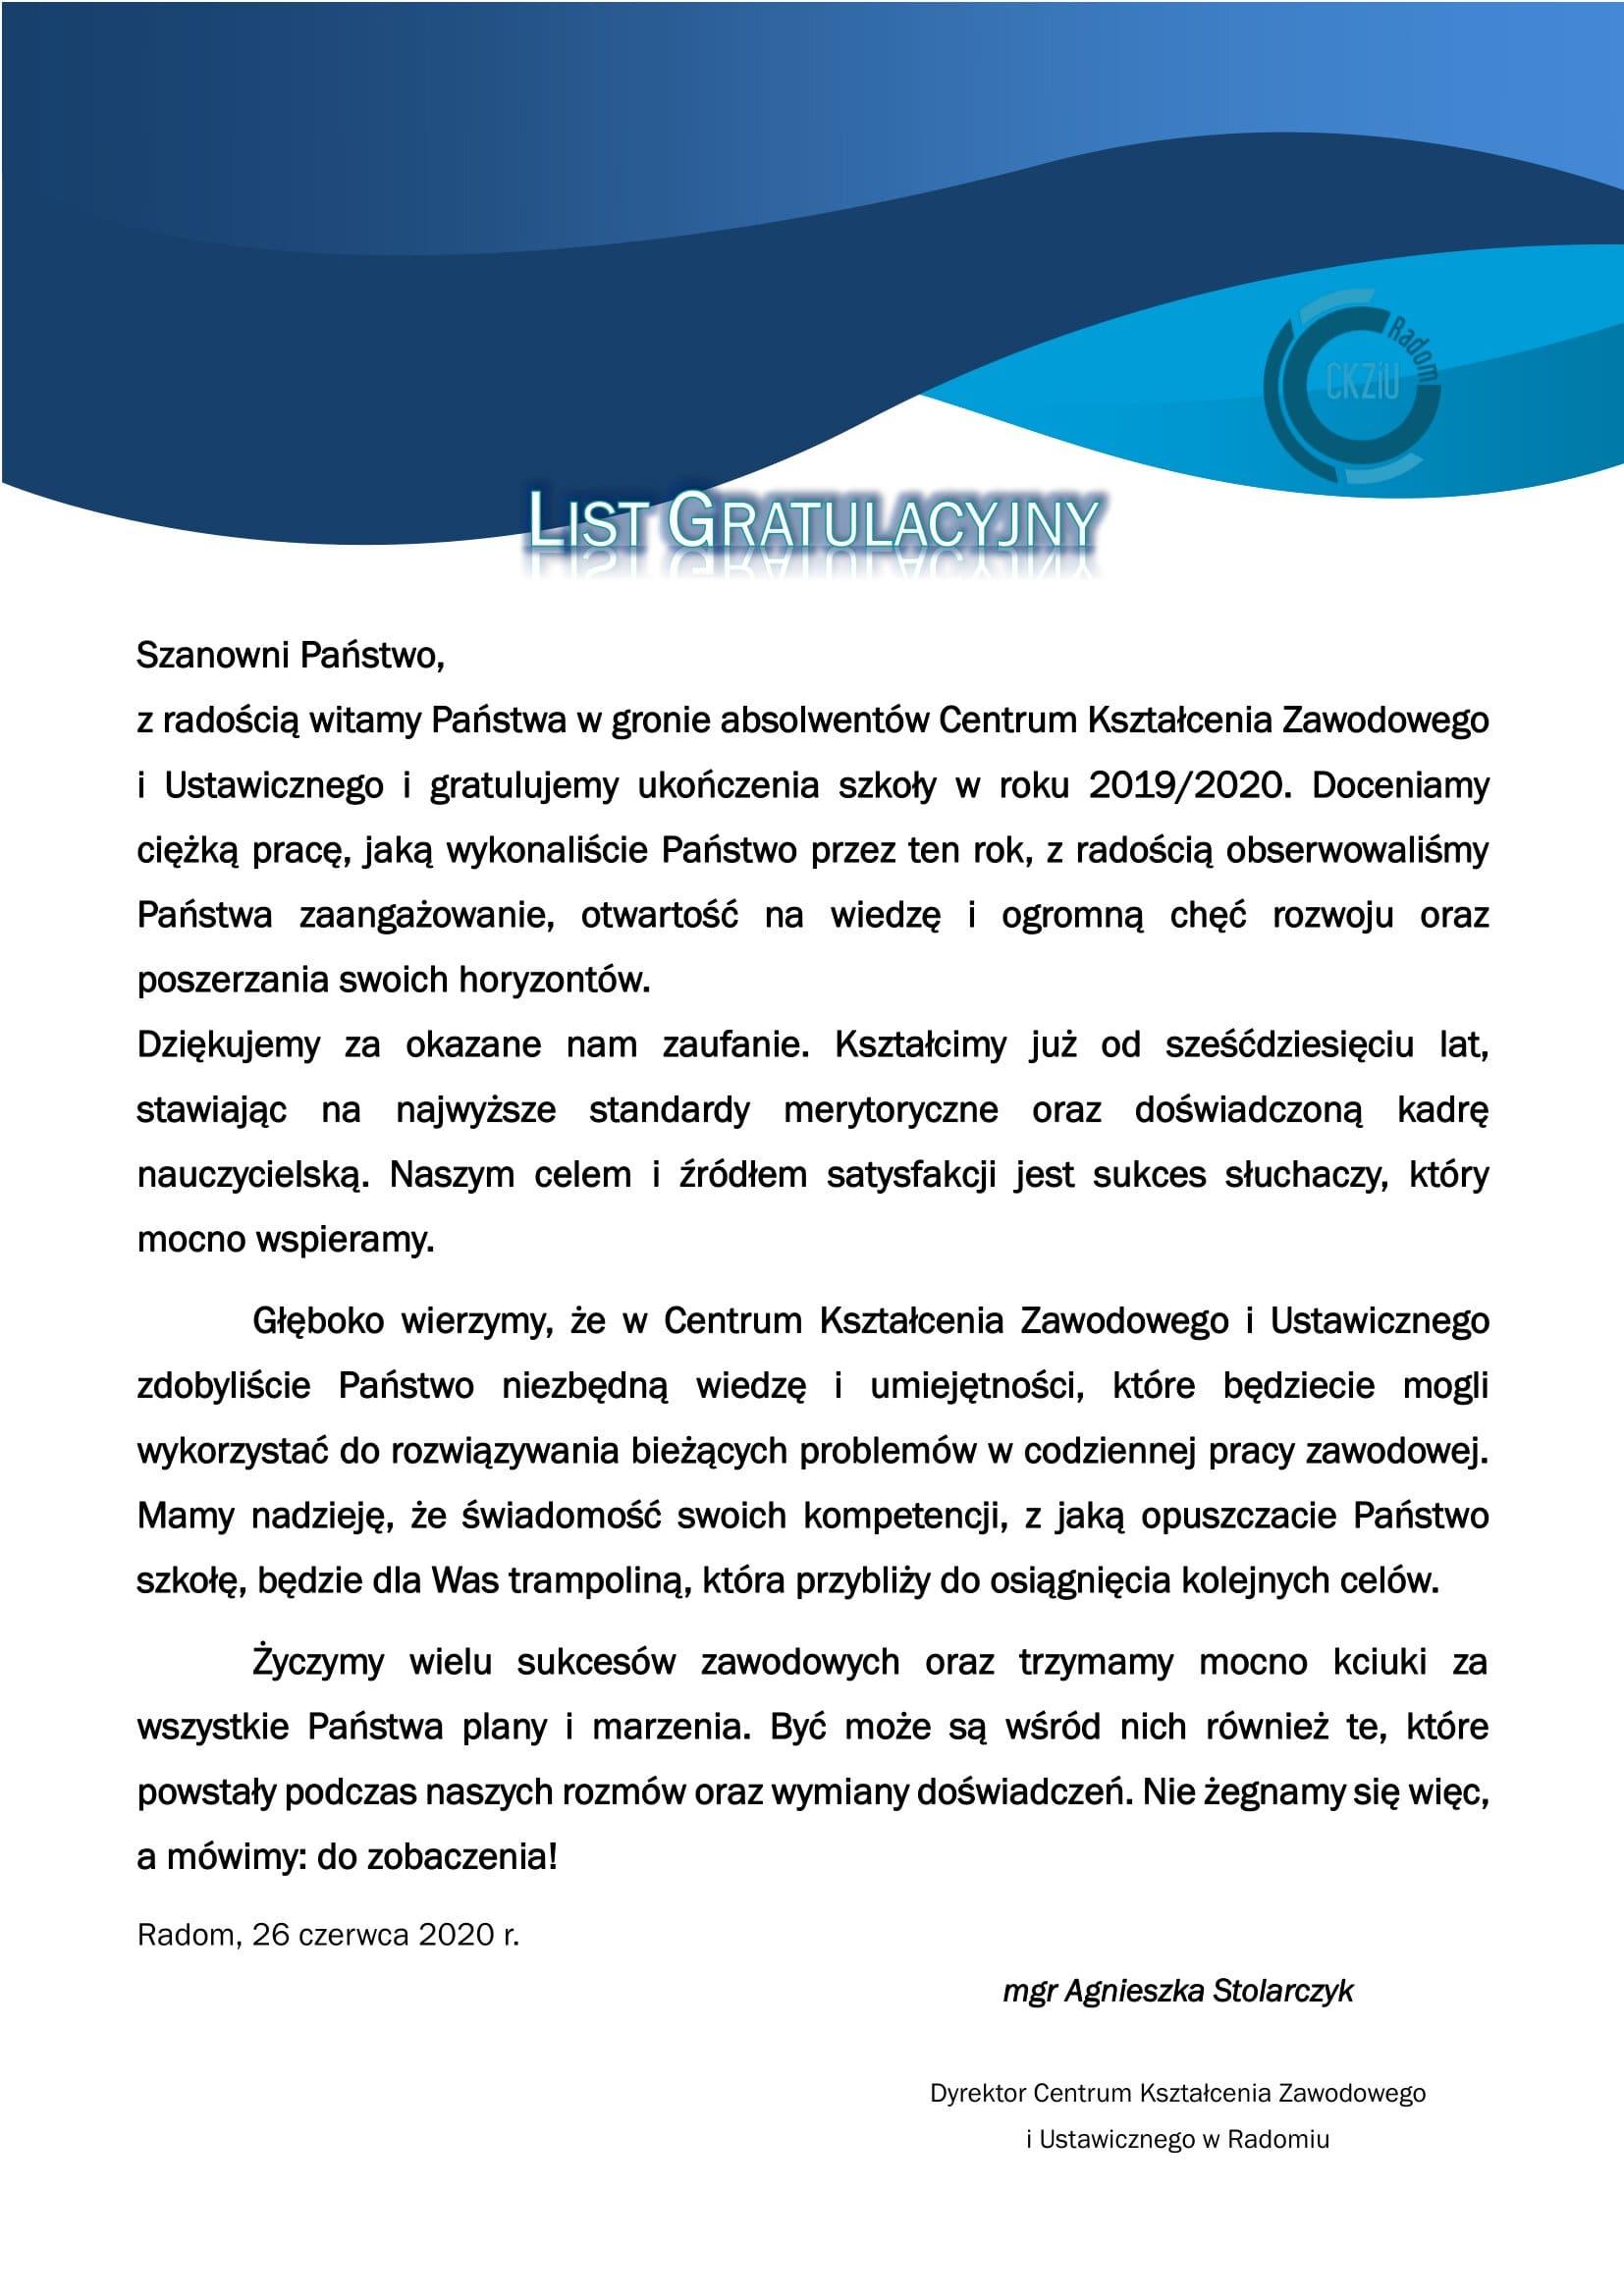 List gratulacyjny doabsolwentów Centrum Kształcenia Zawodowego iUstawicznego